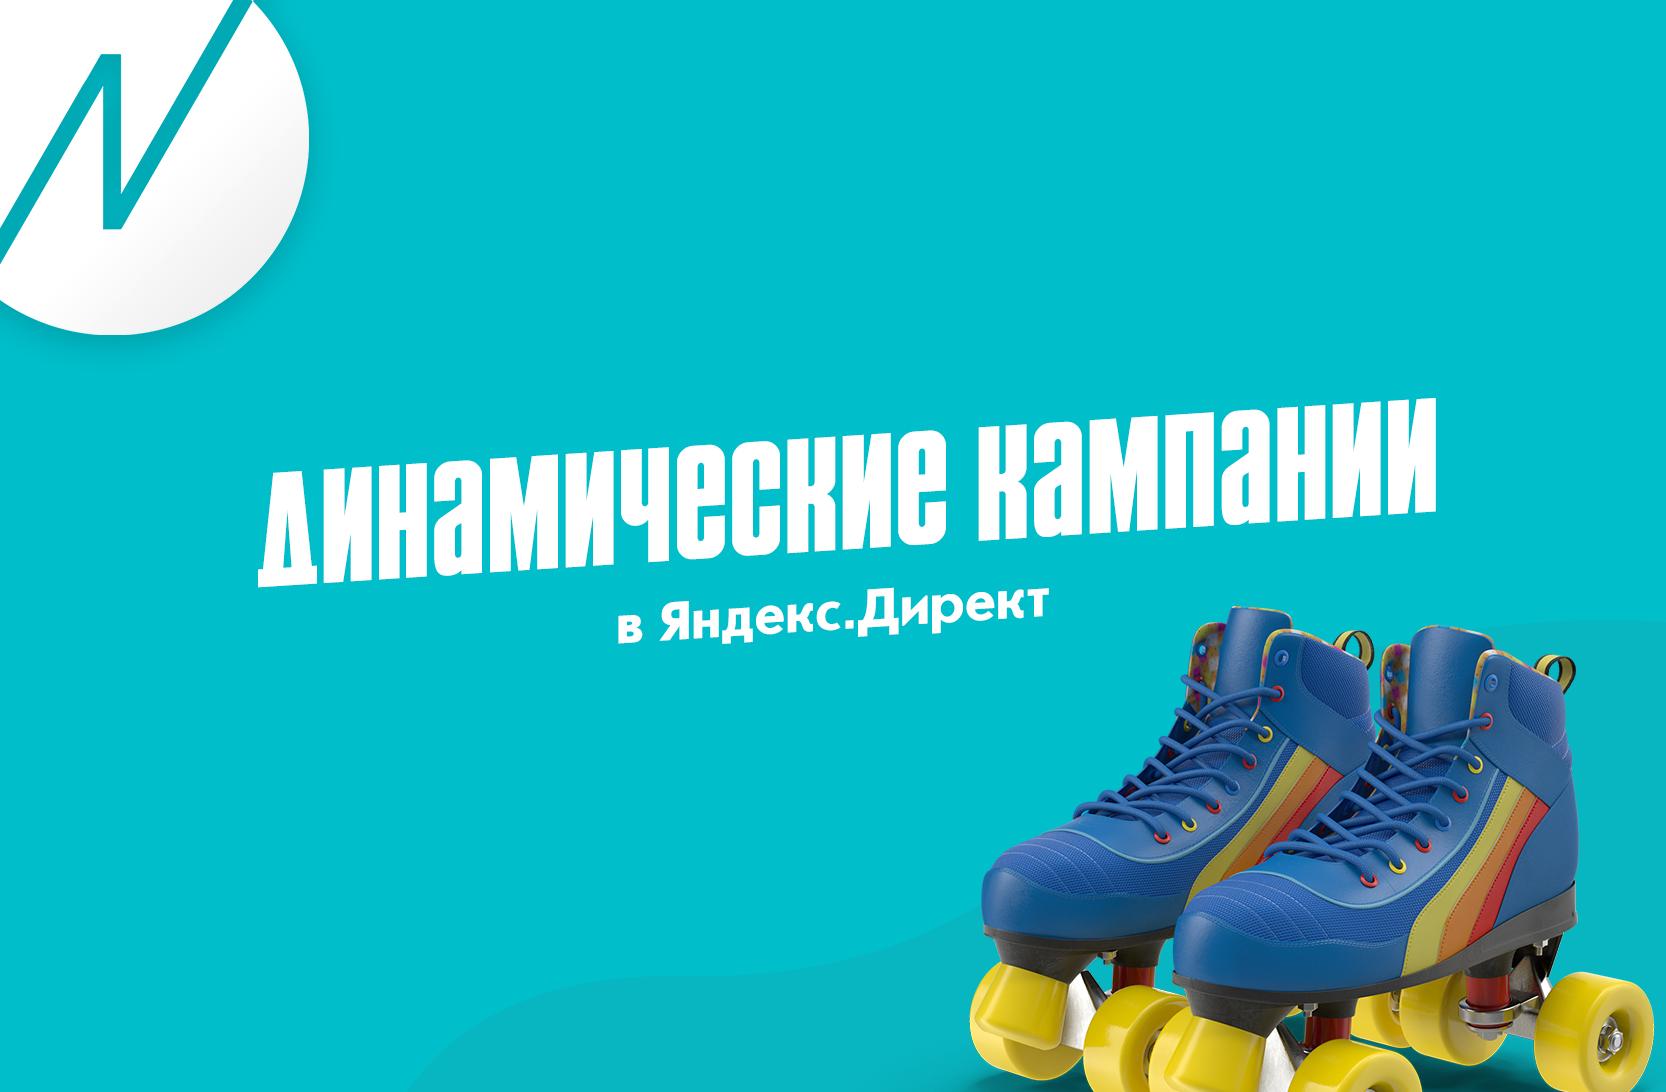 Динамические кампании в Яндекс.Директ